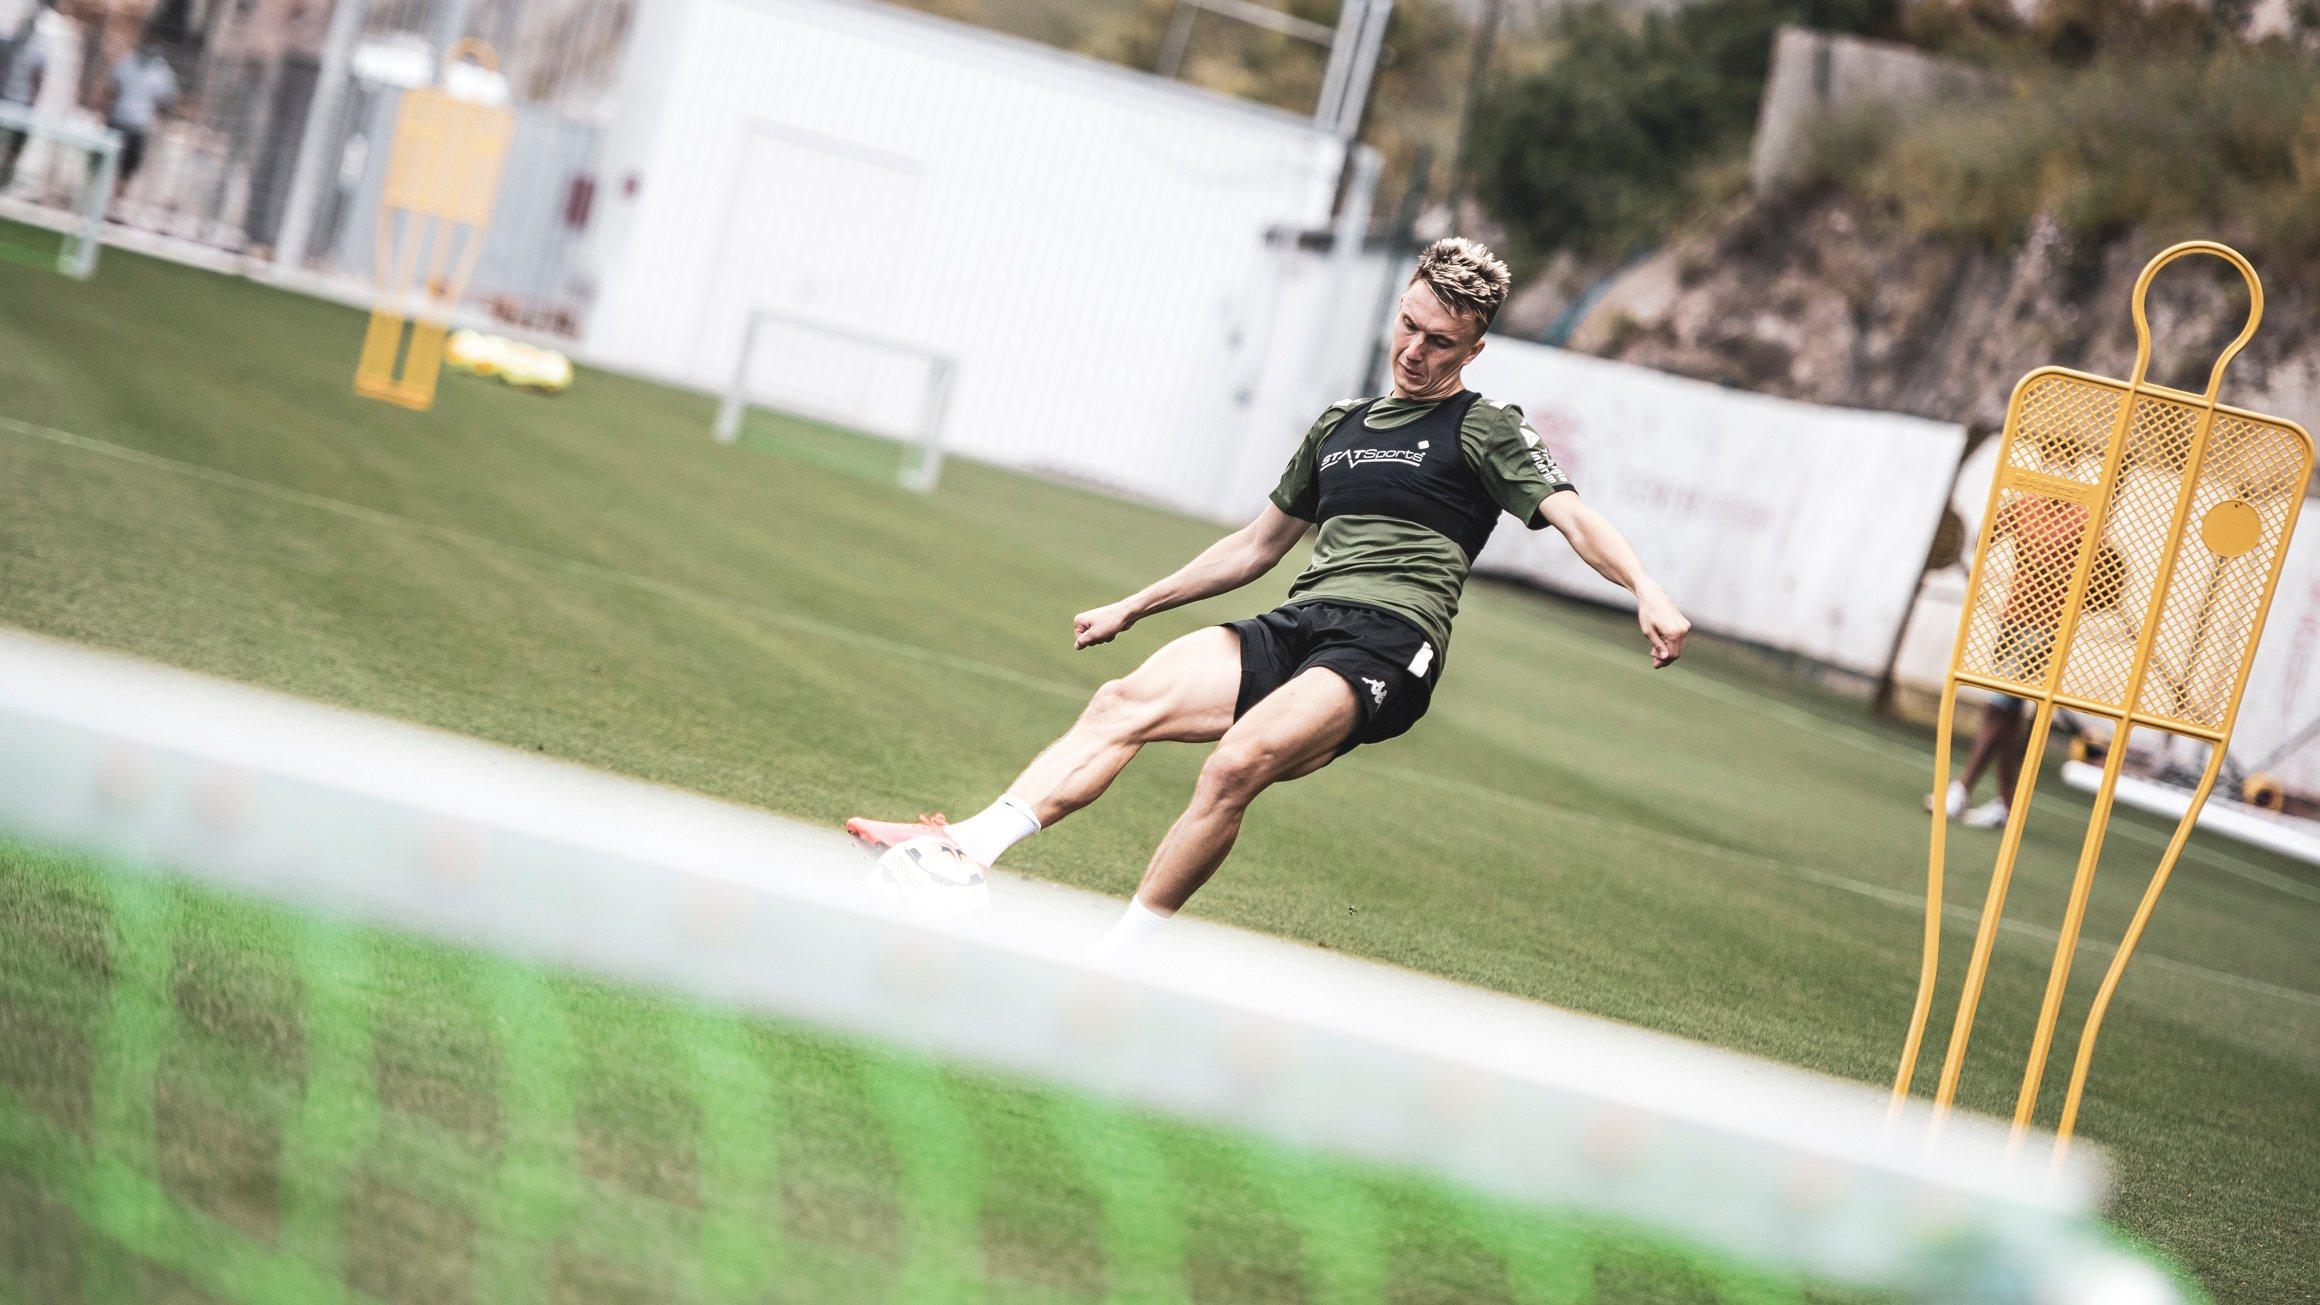 موناكو يعود للتدريبات أكثر قوة وحماس استعداد للدوري الفرنسي (6)